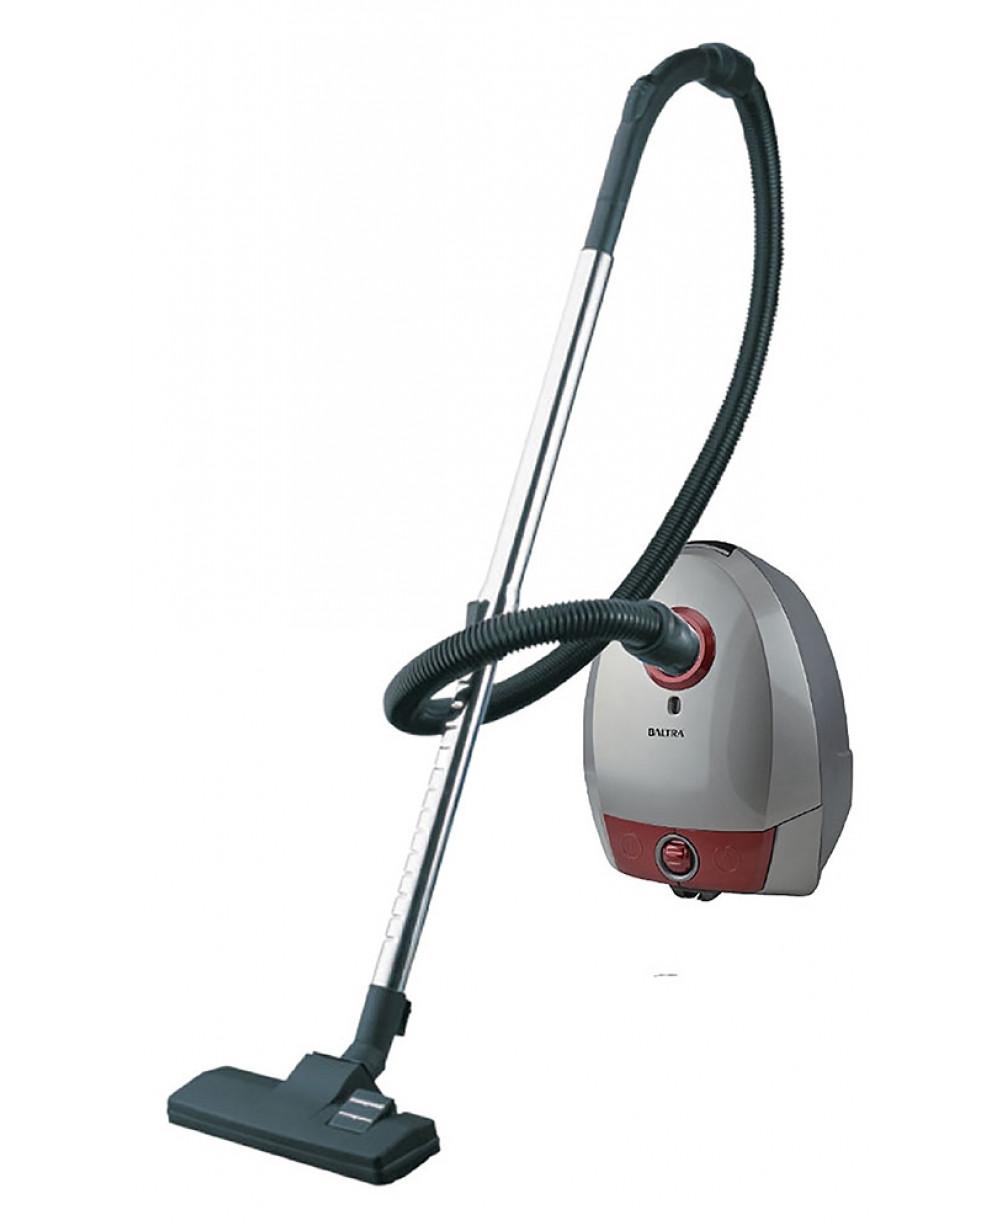 Baltra Vacuum Cleaner (TORQUE)